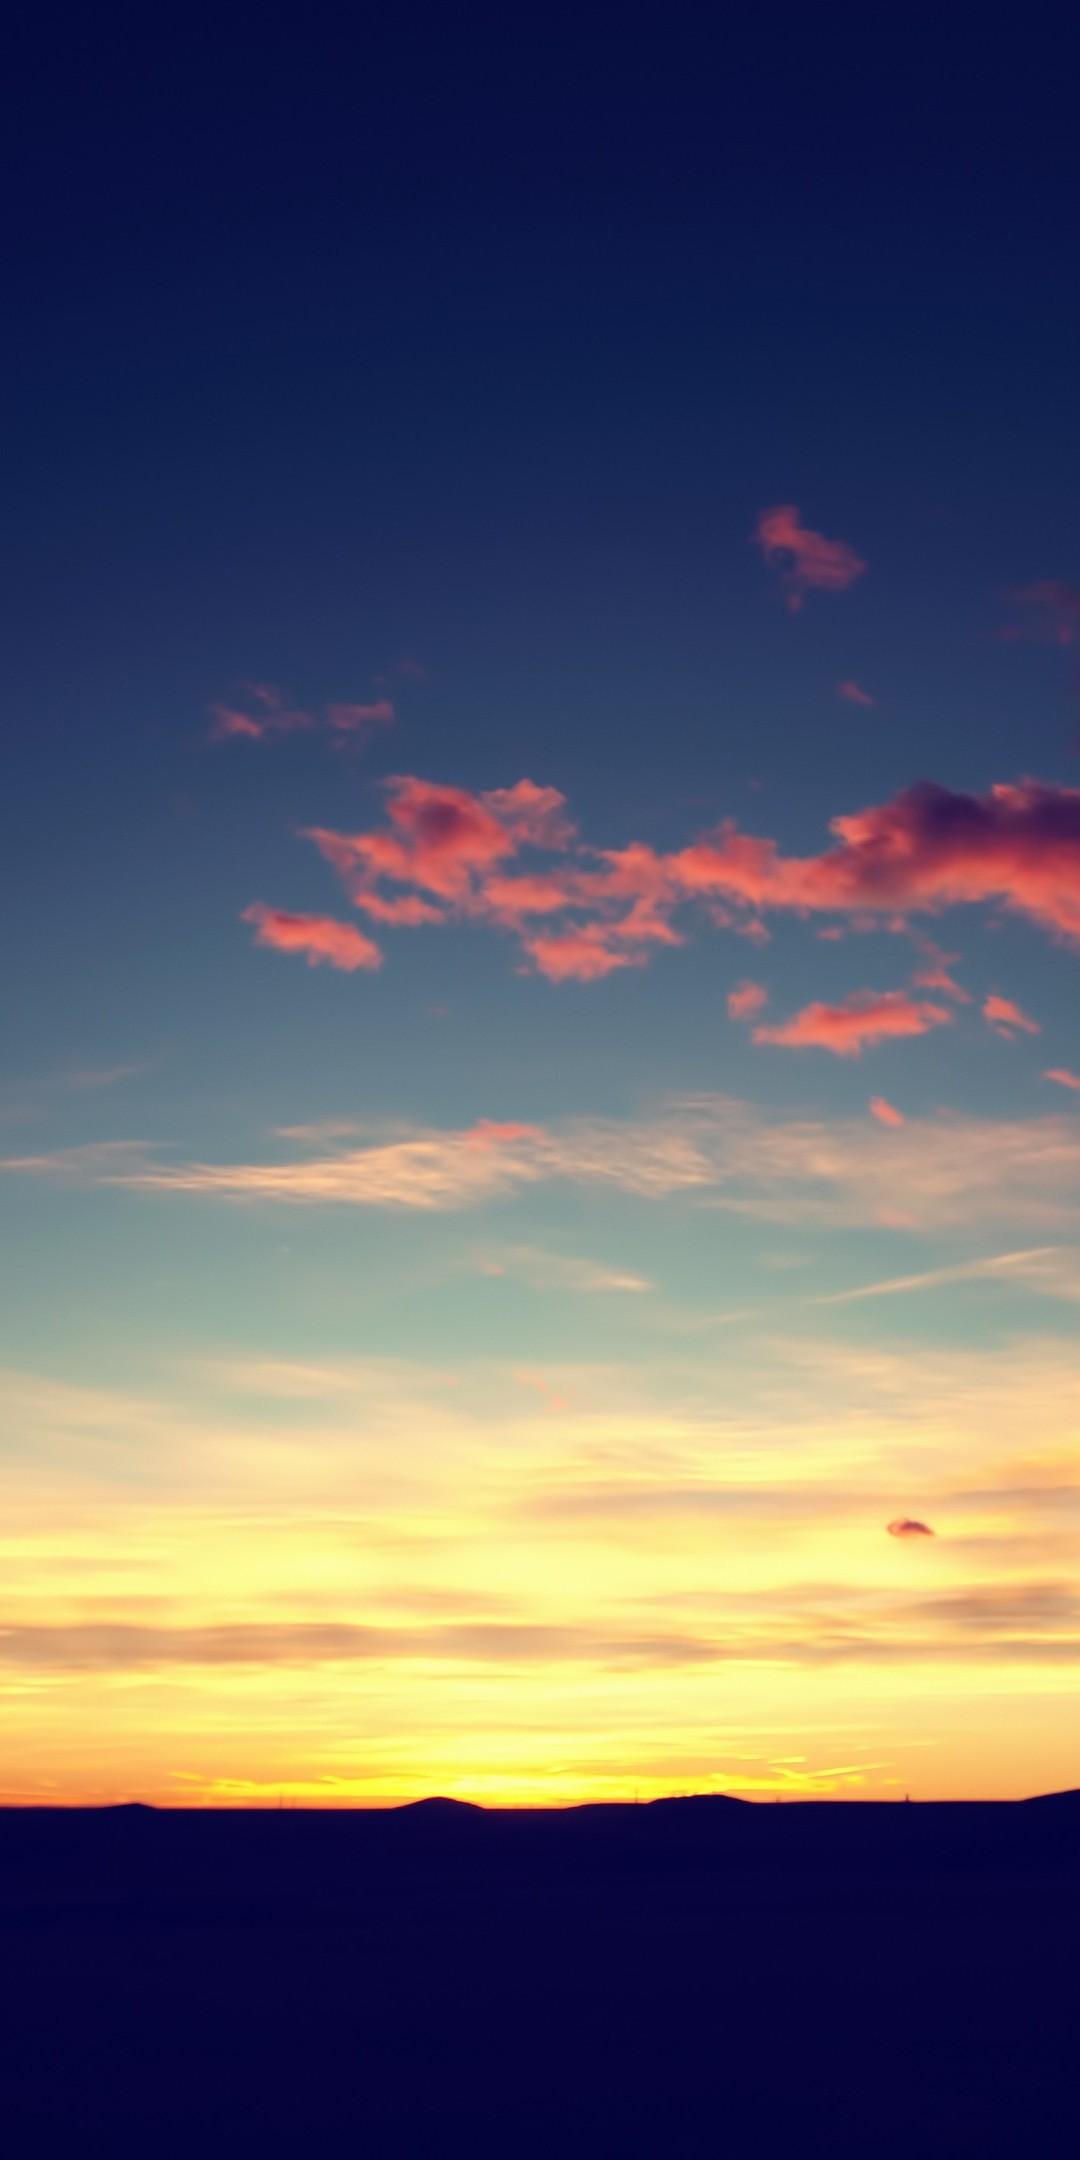 Sky Wallpapers: Sunset Sky Ultra HD Wallpaper [1080x2160]